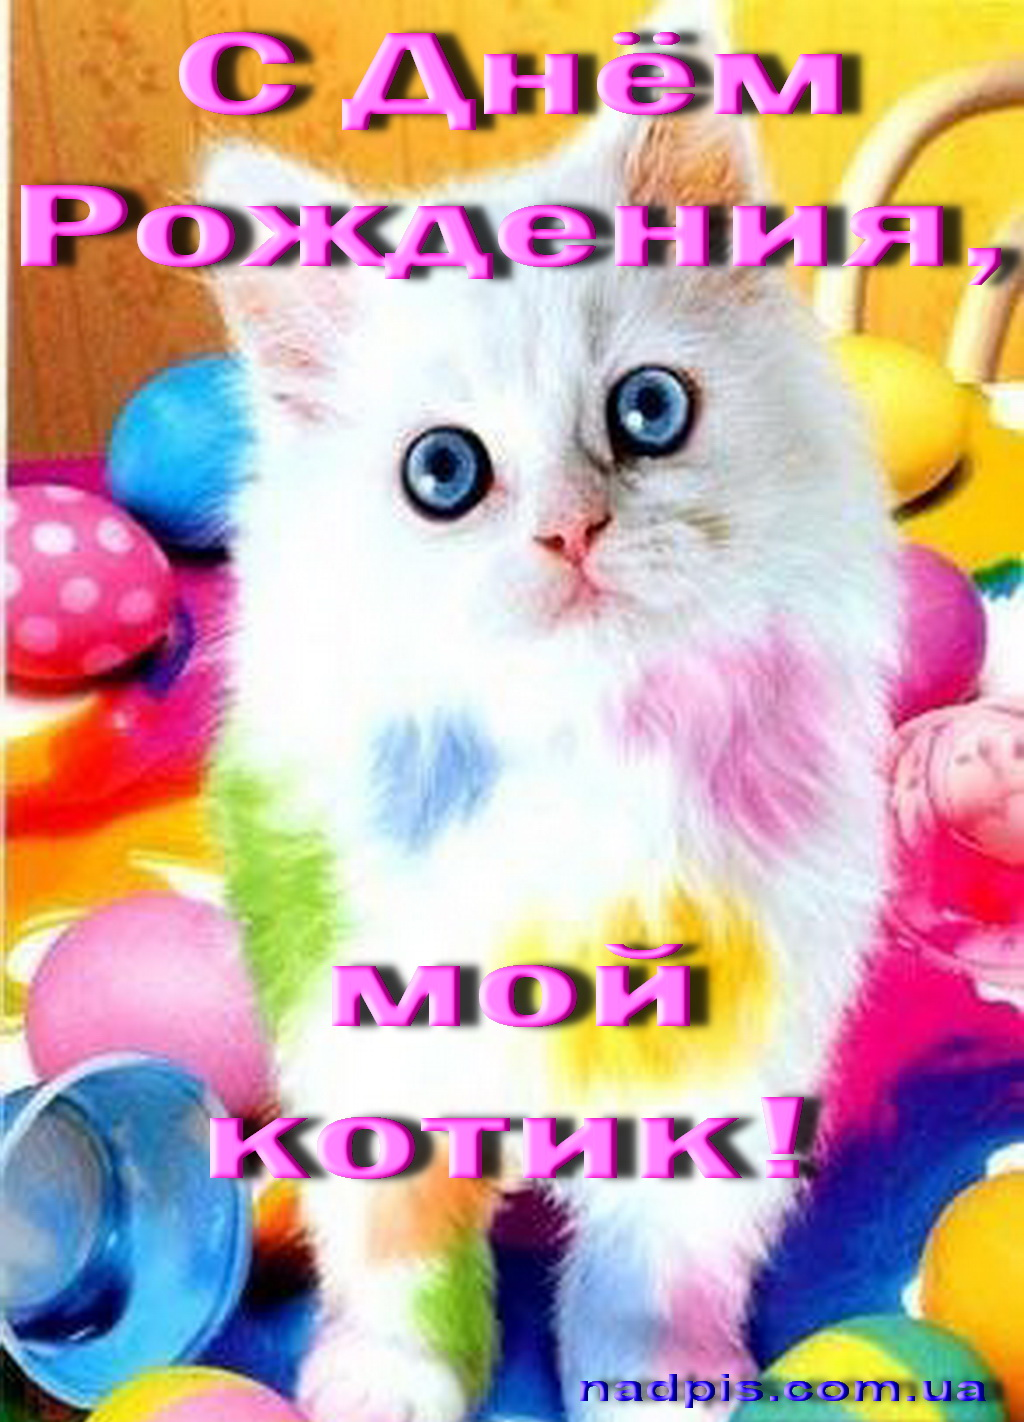 Открытки С ДНЕМ РОЖДЕНИЯ! 83